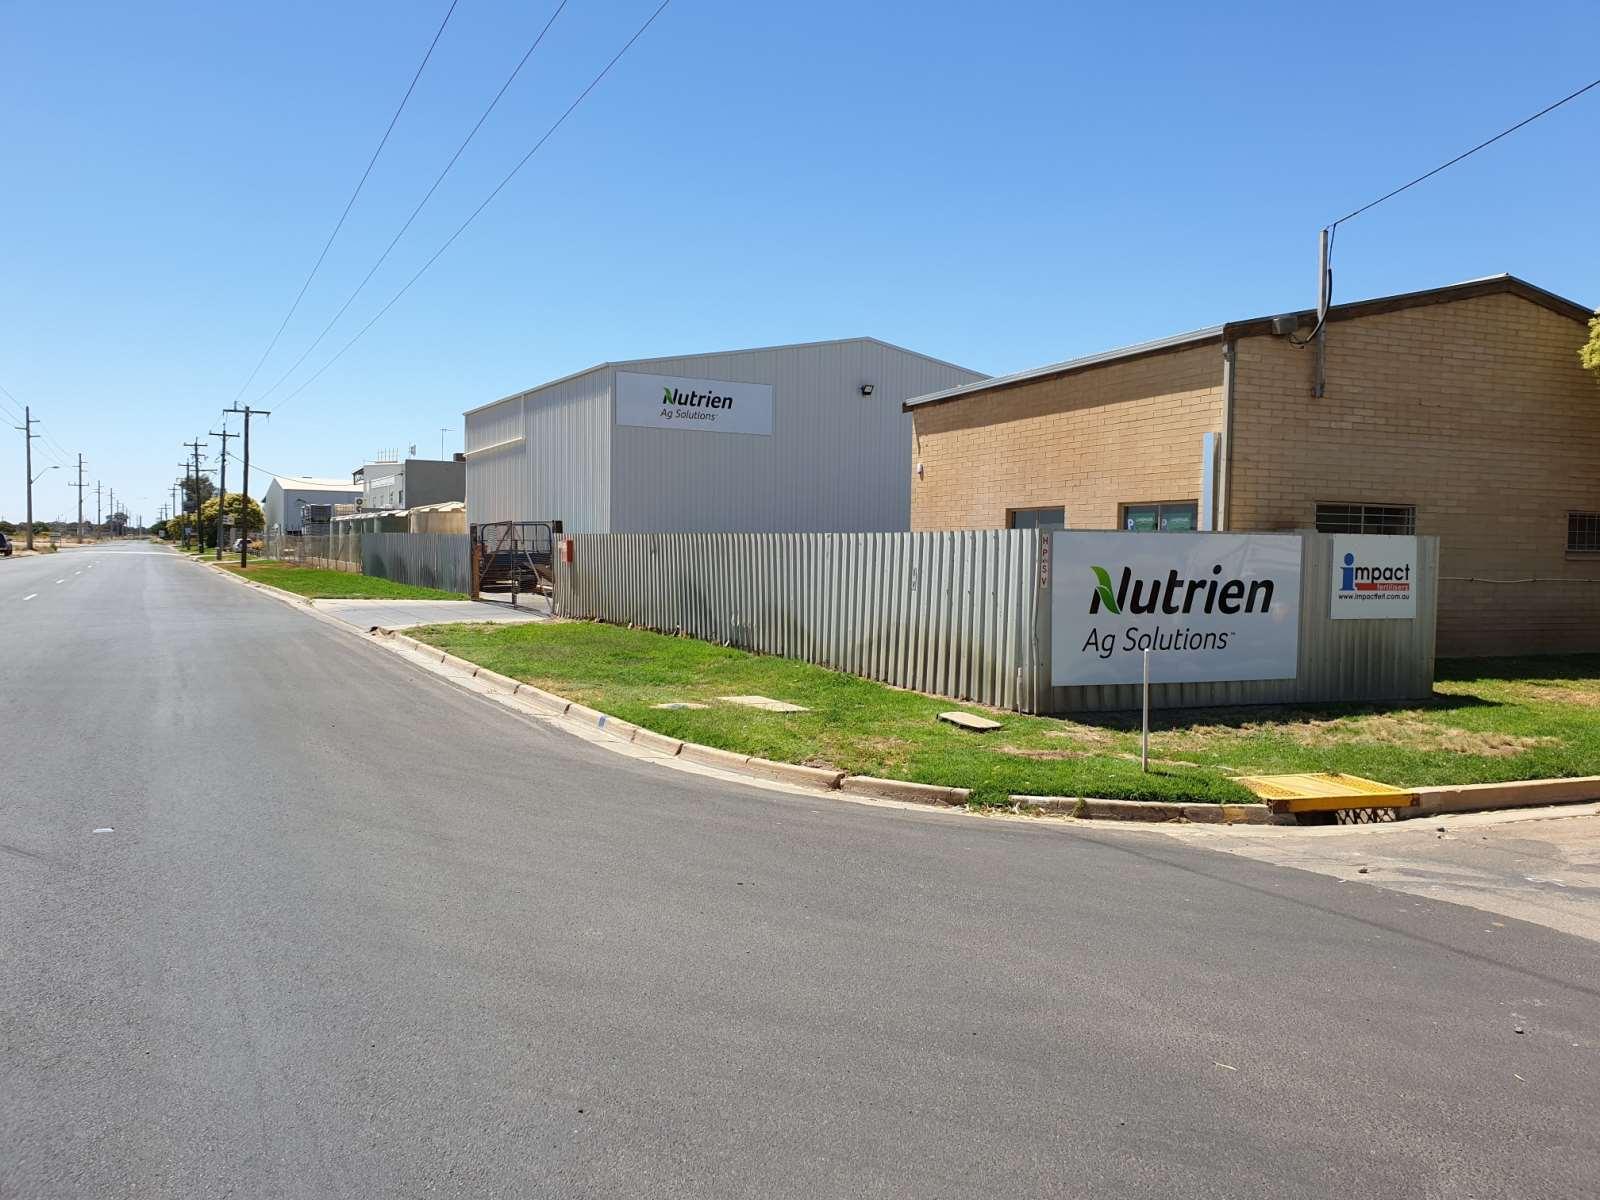 Nutrien Ag Solutions - Buronga, NSW 2739 - (03) 5023 3900 | ShowMeLocal.com